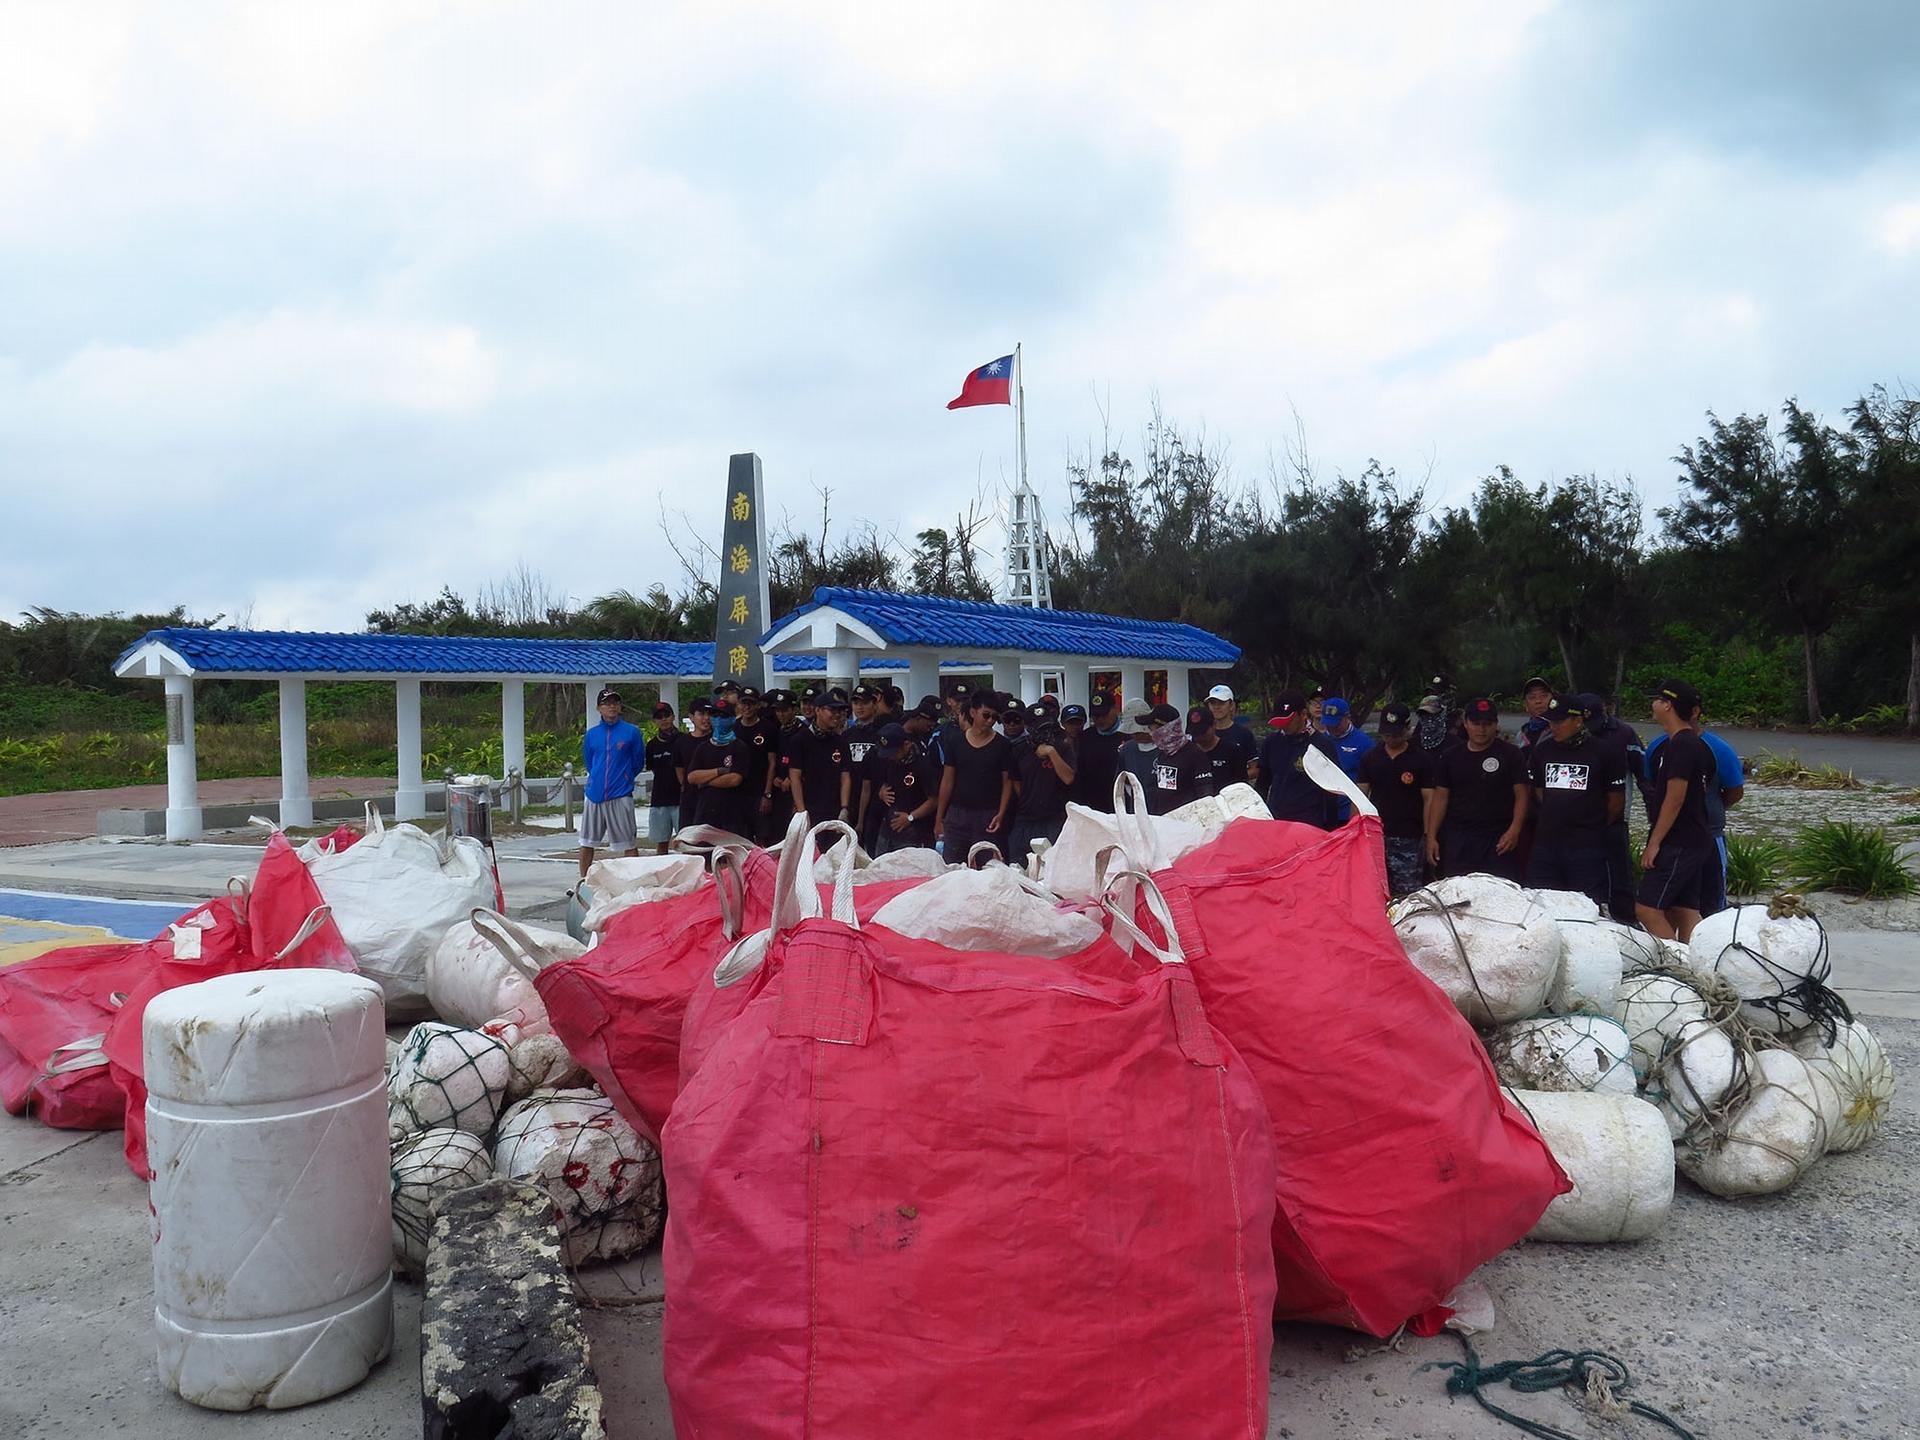 為了瞭解海漂垃圾從哪裡來,海洋國家公園管理處同仁、上島研究團隊與海巡署士兵協助調查海漂垃圾,分析裡面的組成物,鑑定後發現多半來自中國或東南亞國家。 圖│鄭明修